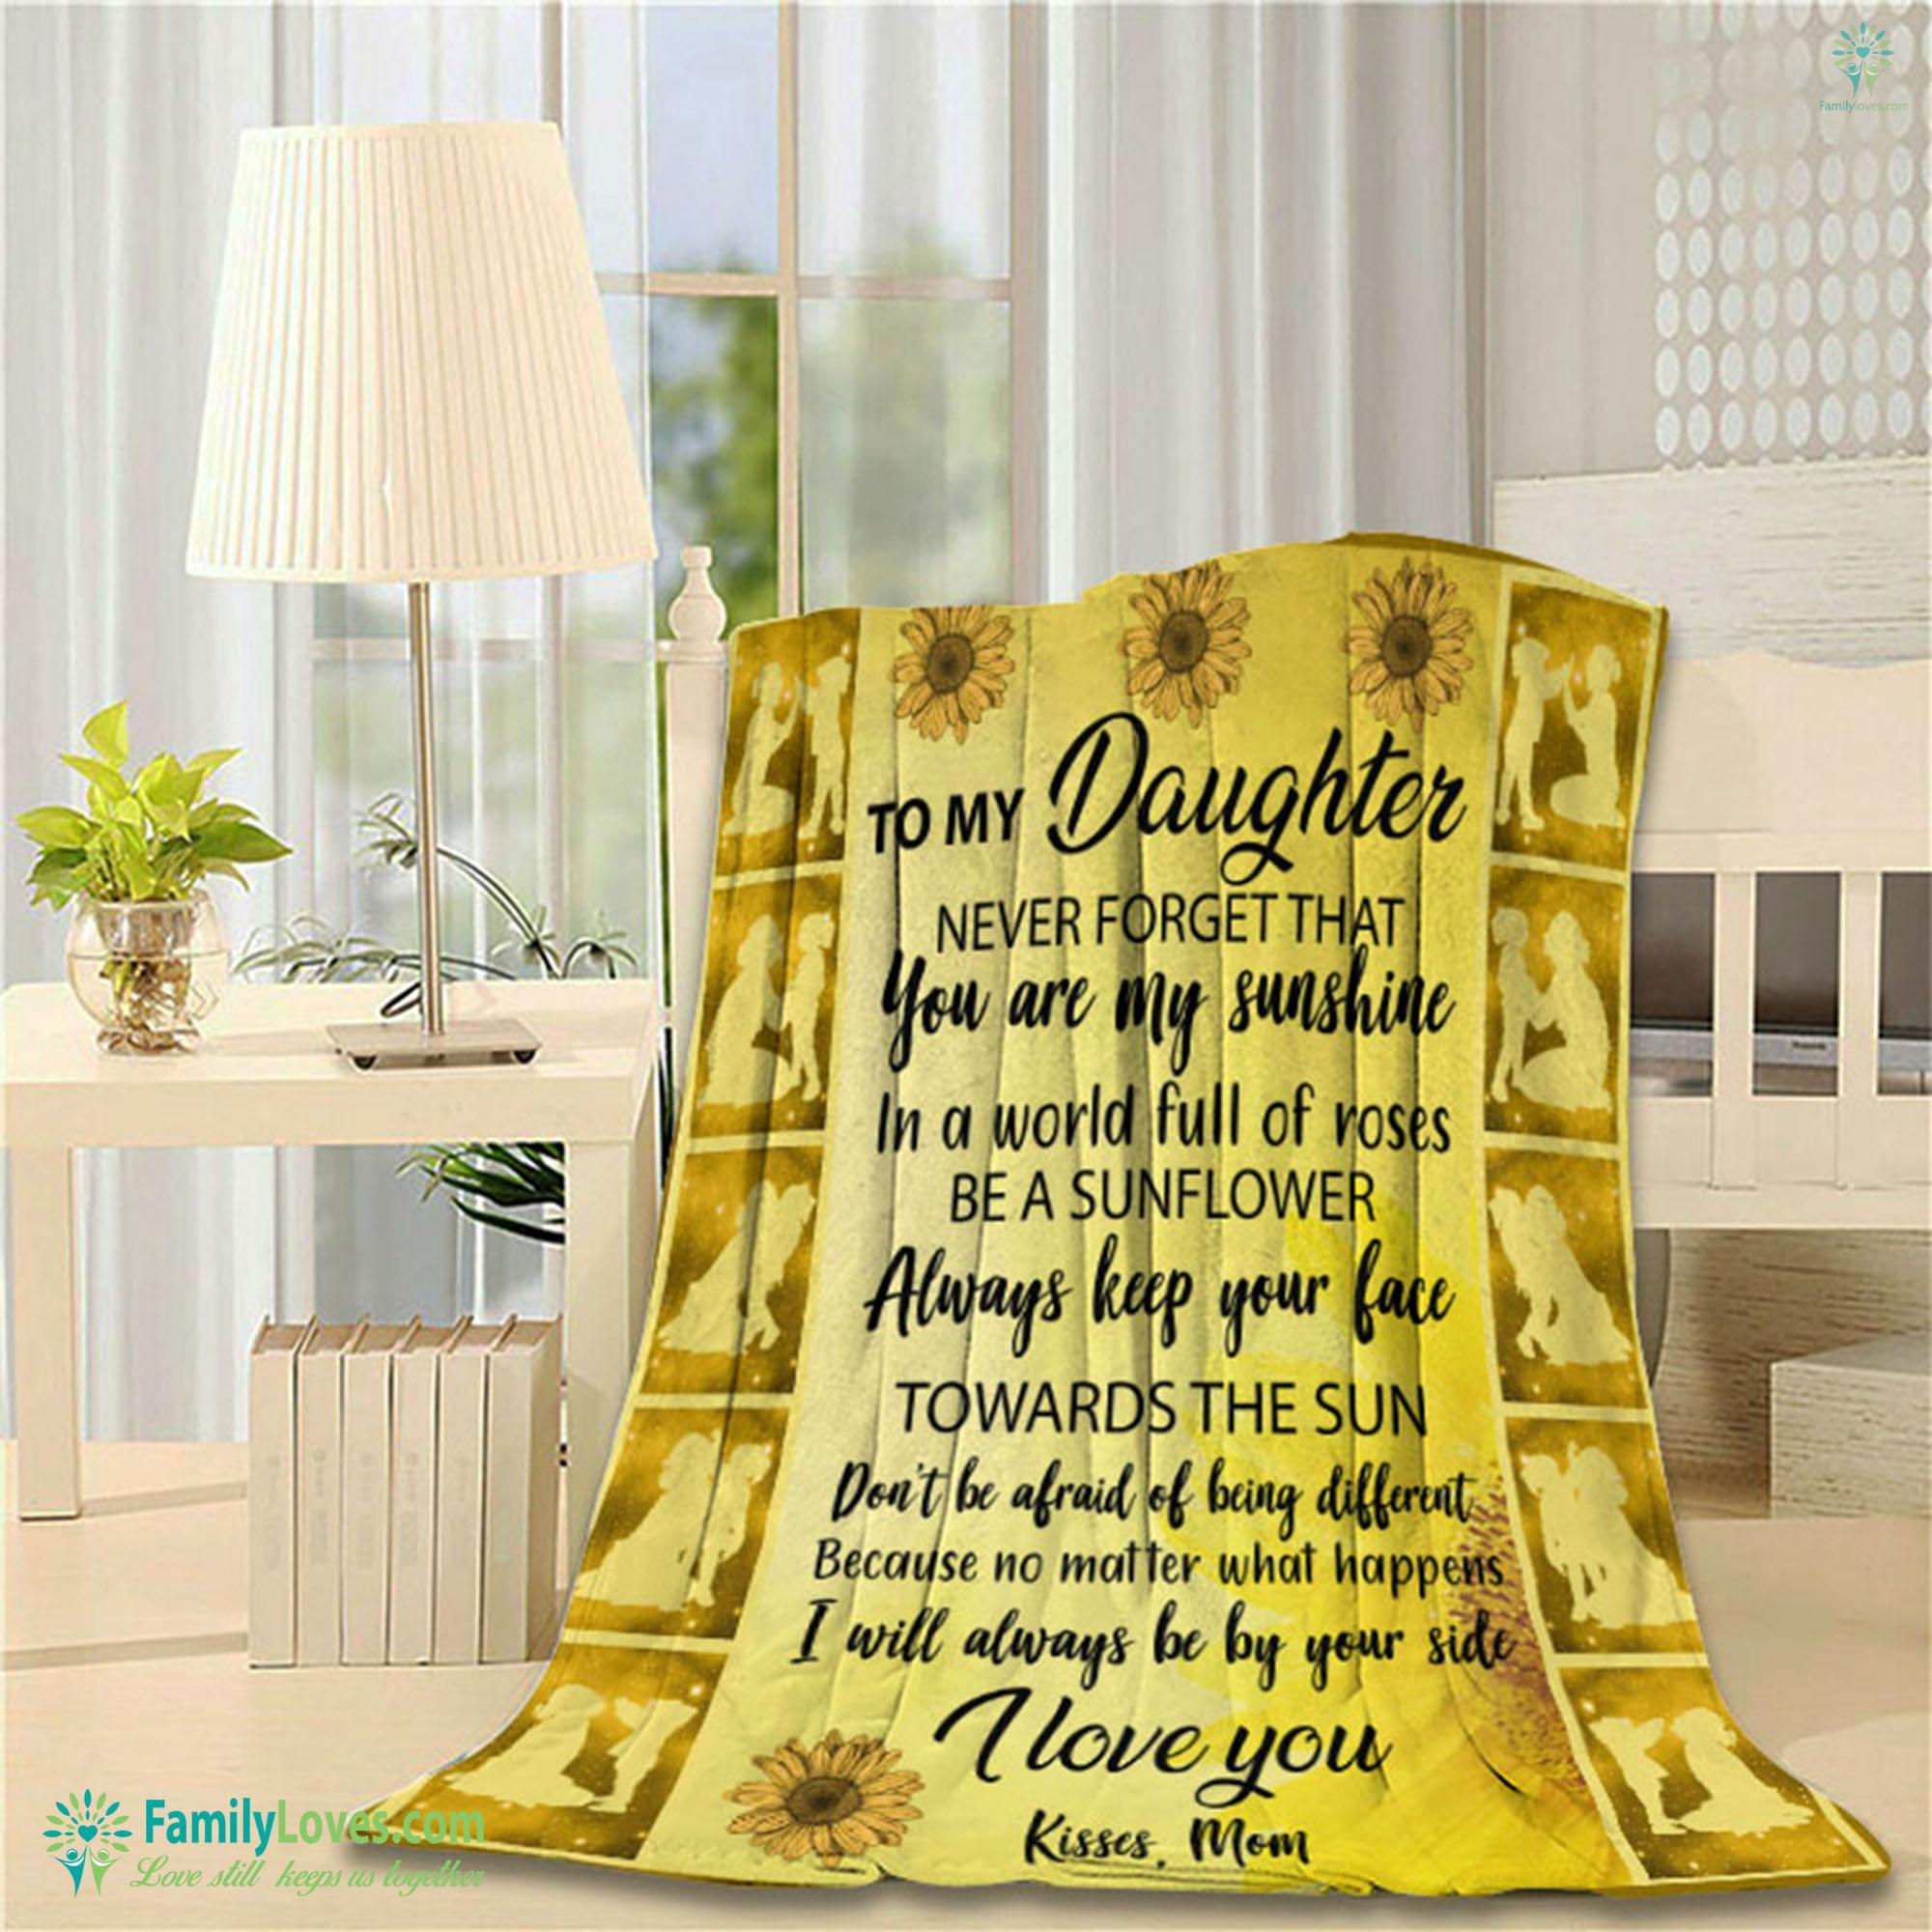 To My Daughter Kisses Mom Blanket 22 Familyloves.com